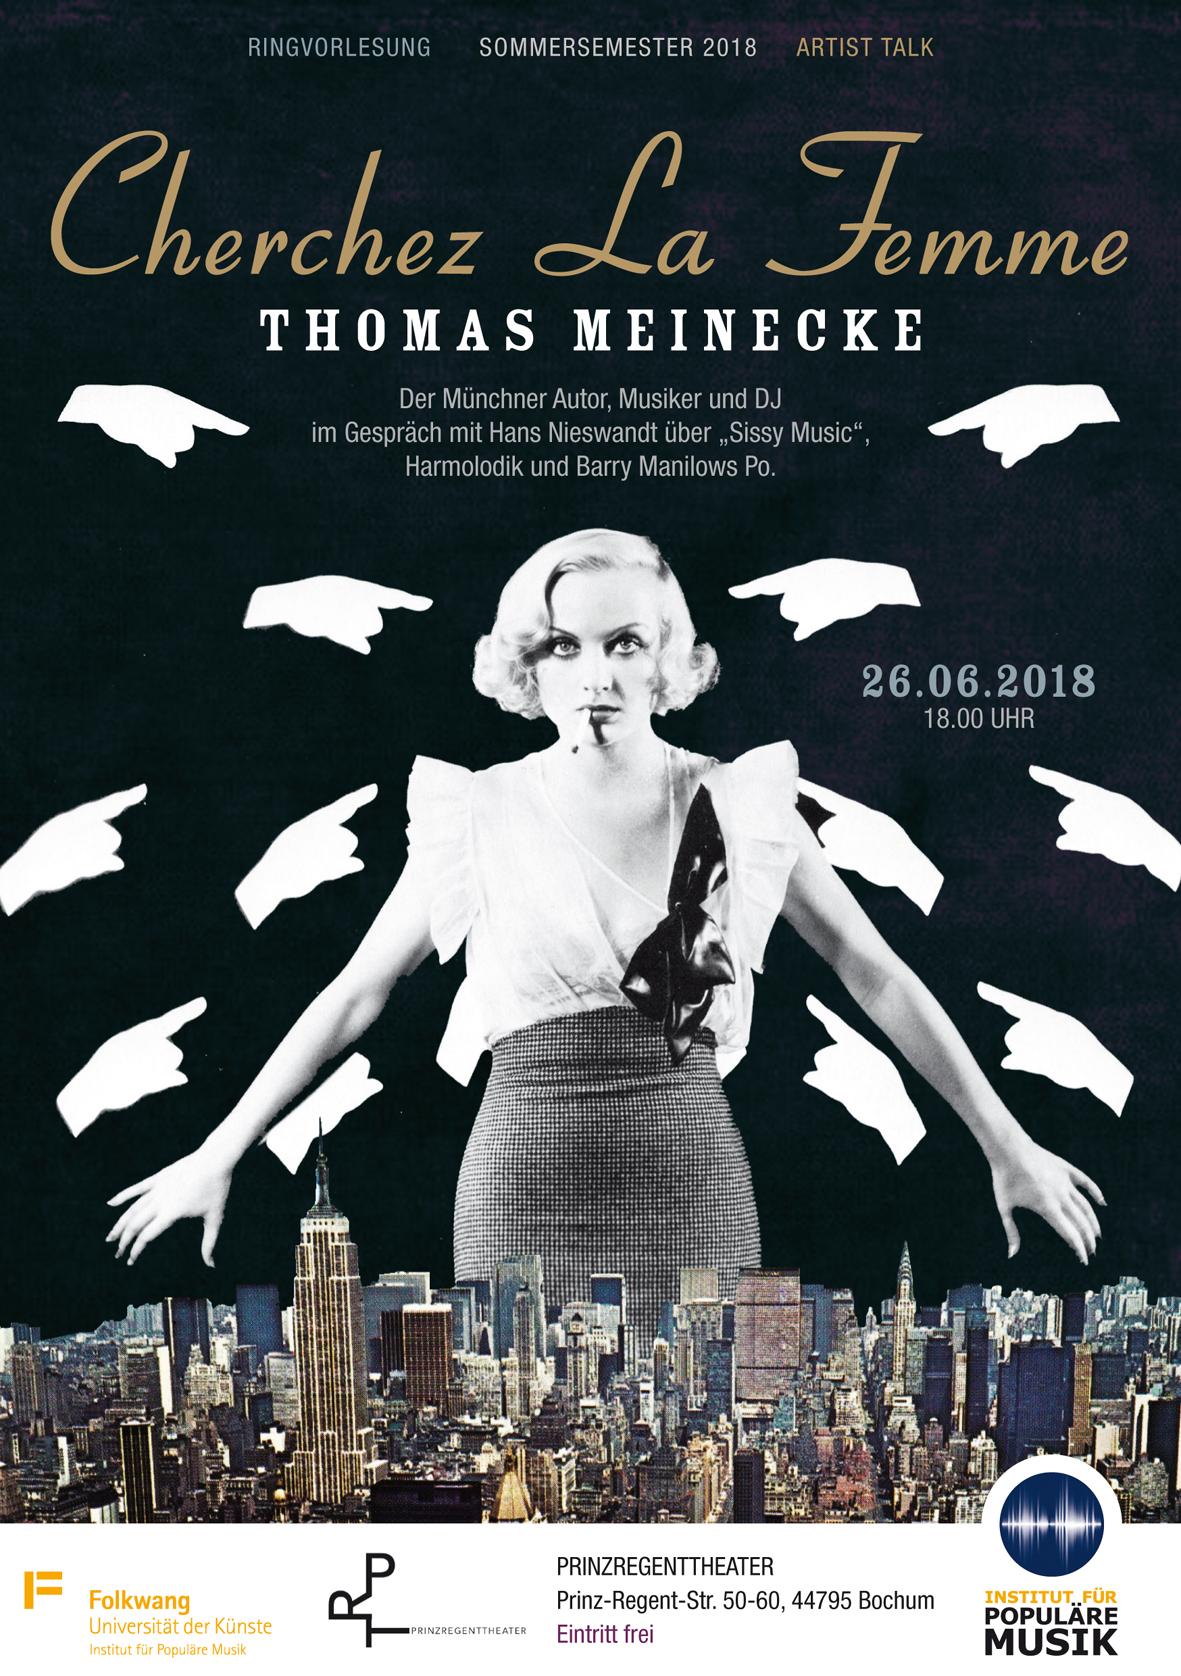 Thomas Meinecke